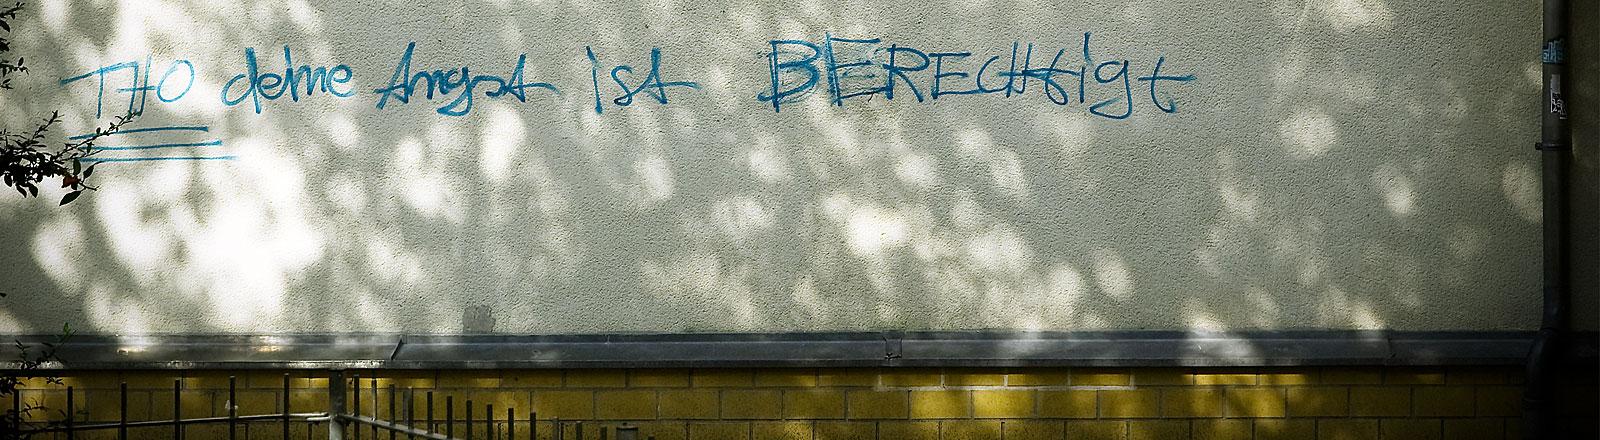 Mauer mit der Aufschrift Deine Angst ist berechtigt